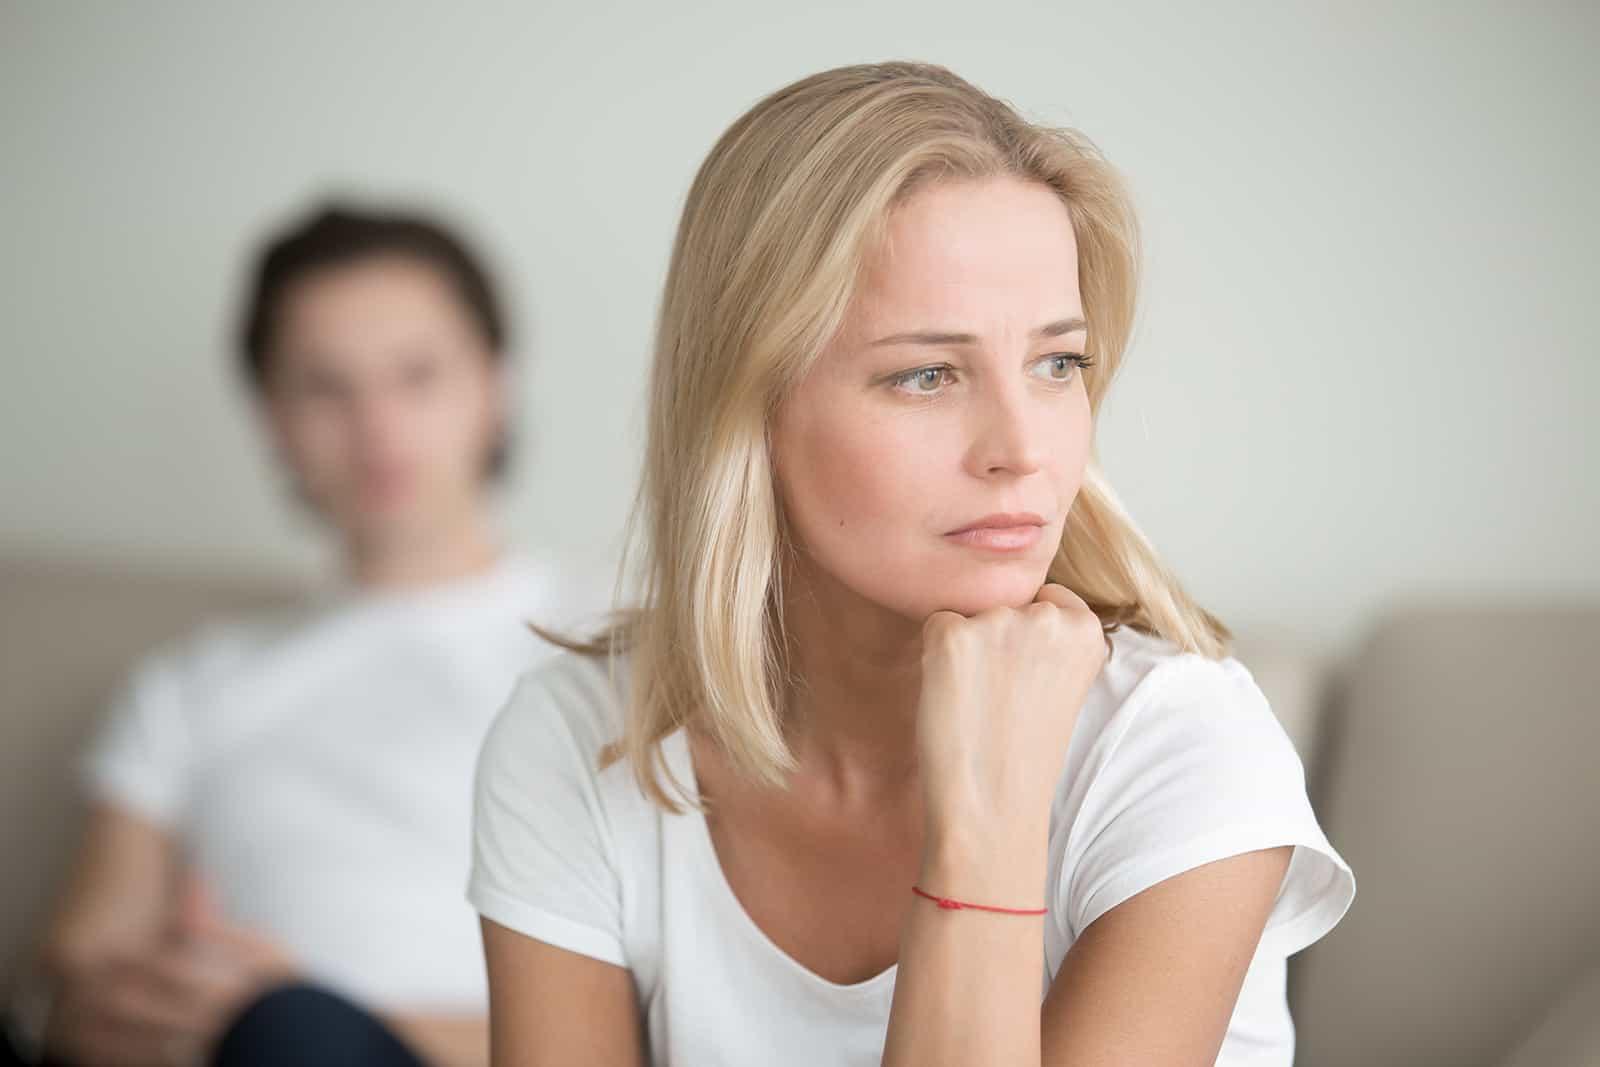 Ernsthafte traurige Frau, die über ein Problem nachdenkt, während ein Mann hinter ihr sitzt